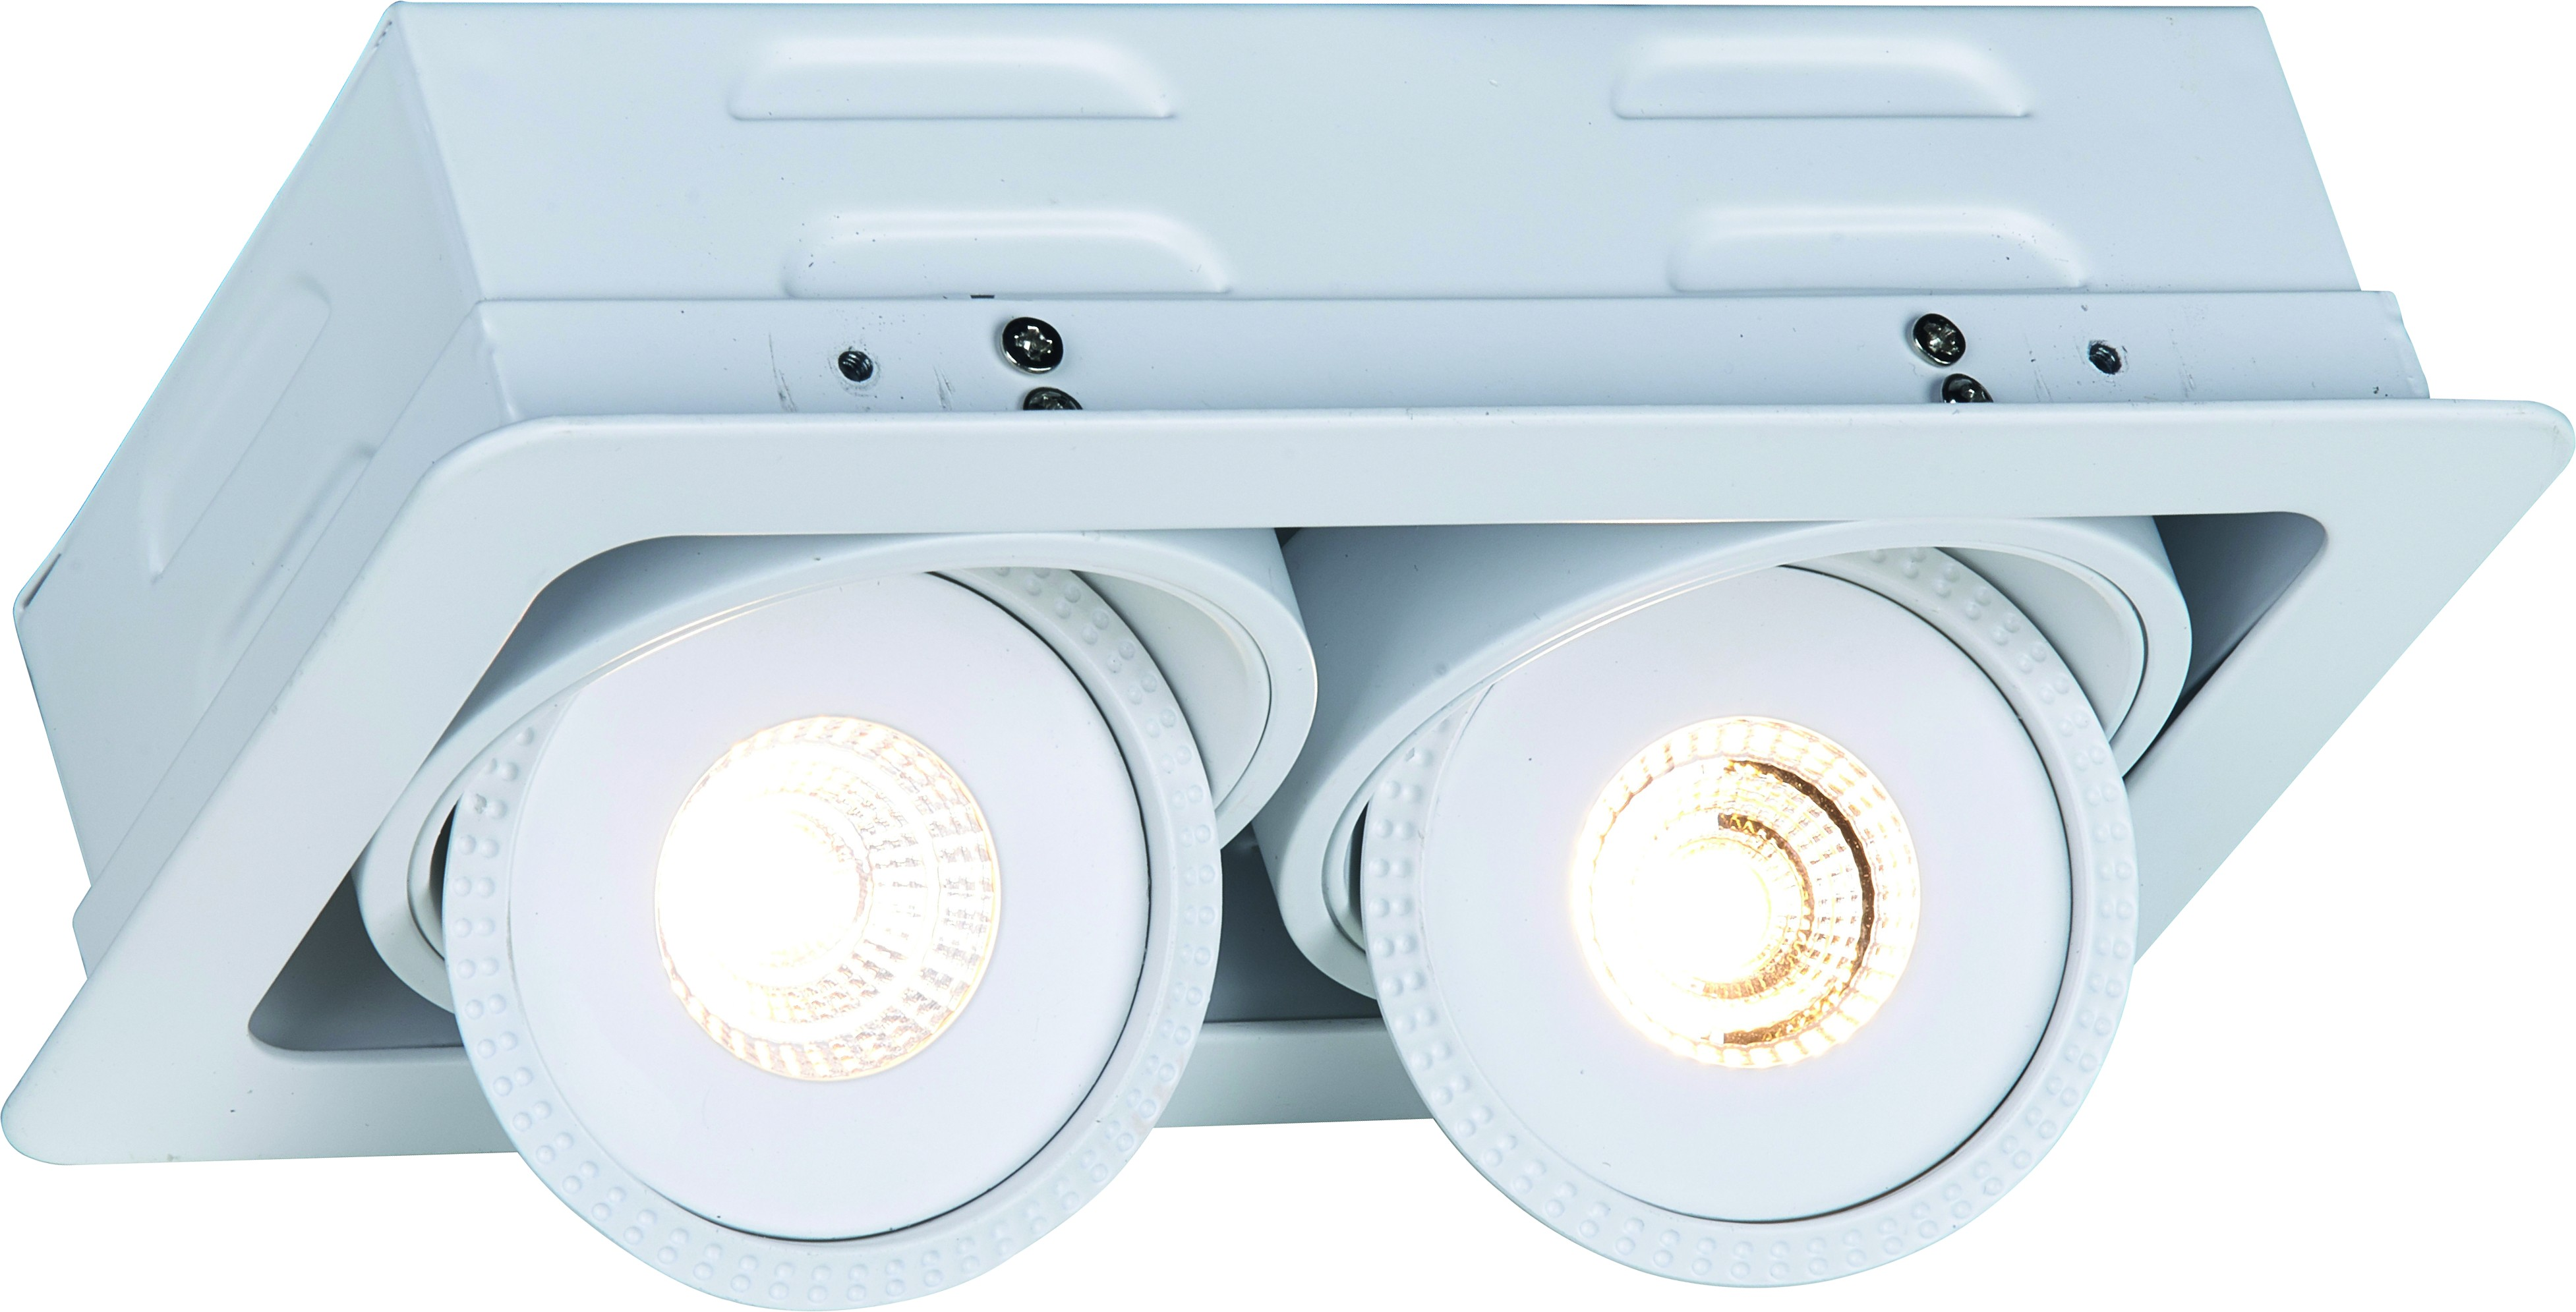 Светильник встраиваемый Arte lamp A3007pl-2wh arte lamp встраиваемый светодиодный светильник arte lamp studio a3007pl 1wh